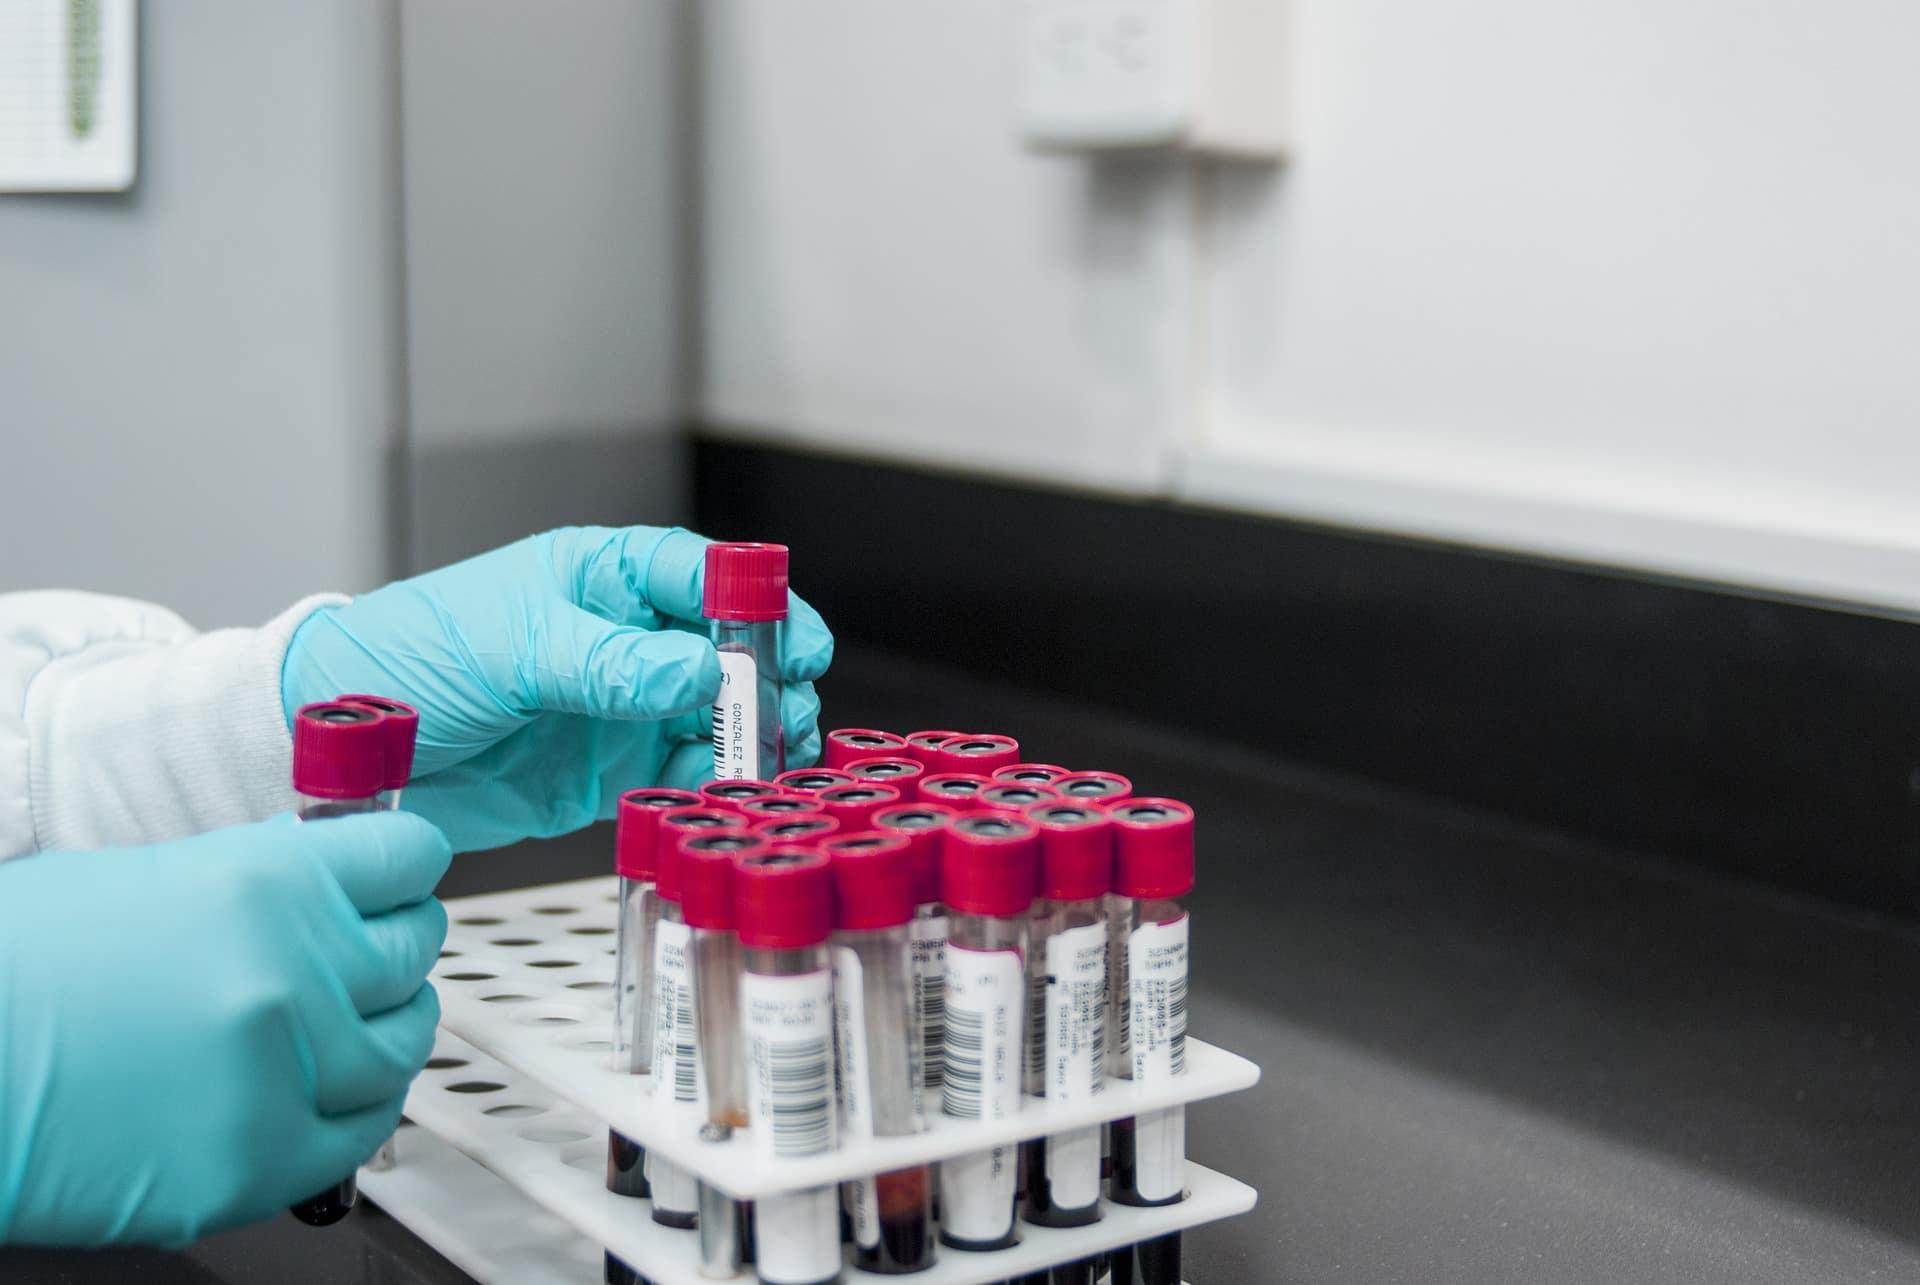 Ensayos clínicos en España: falta de transparencia y duplicidad en la investigación sobre la Covid-19